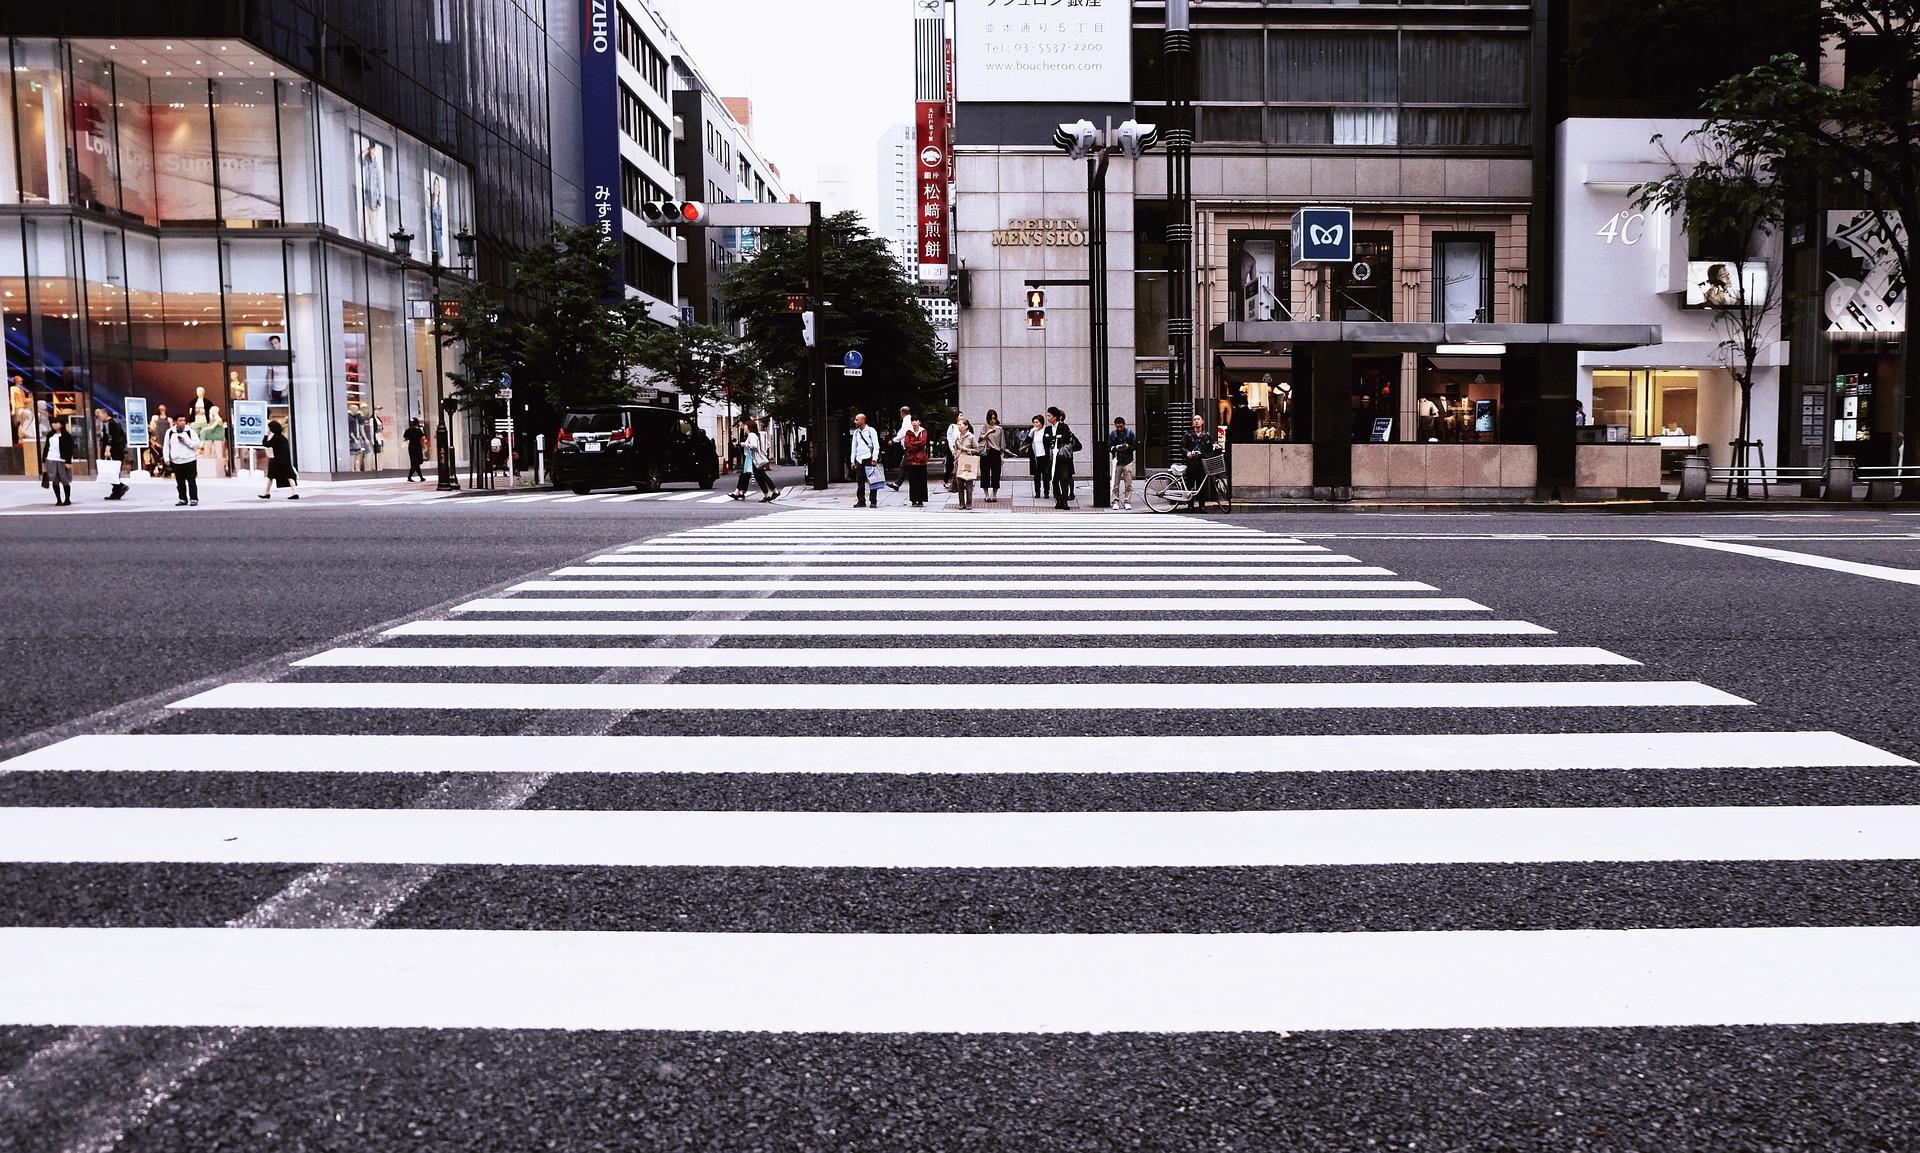 Paso de peatones: 10 claves para cruzar con seguridad